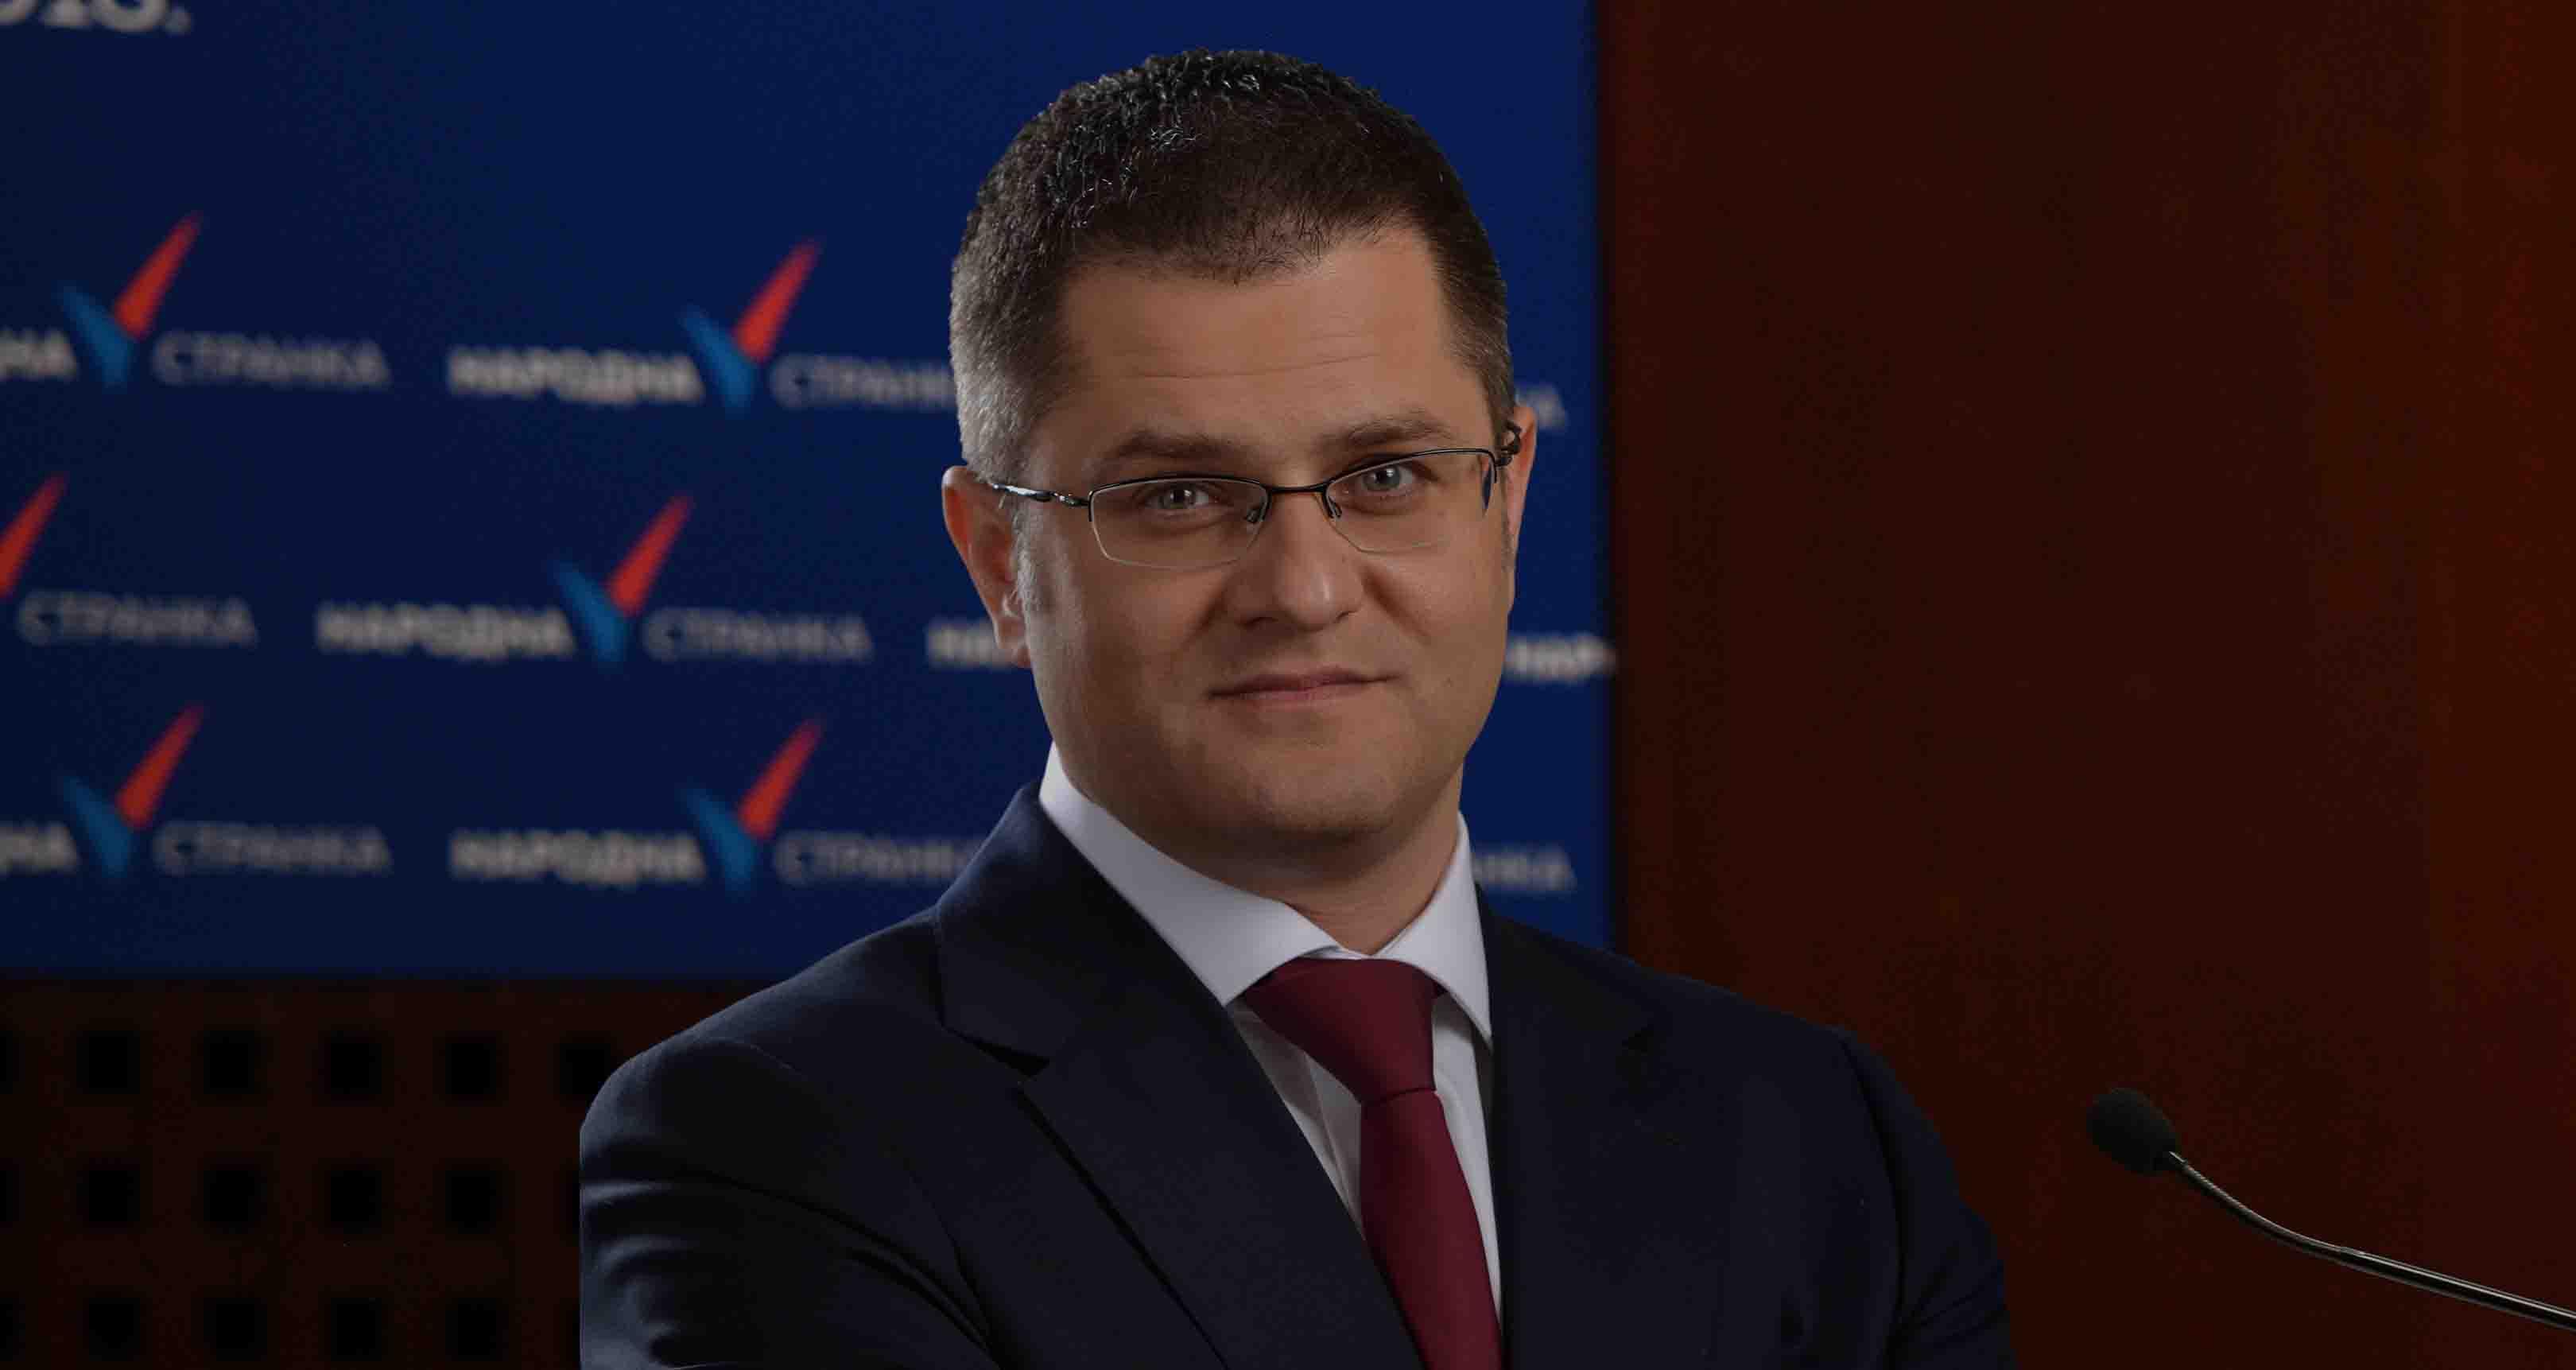 Јеремић честитао Бечићу избор за председника Скупштине Црне Горе